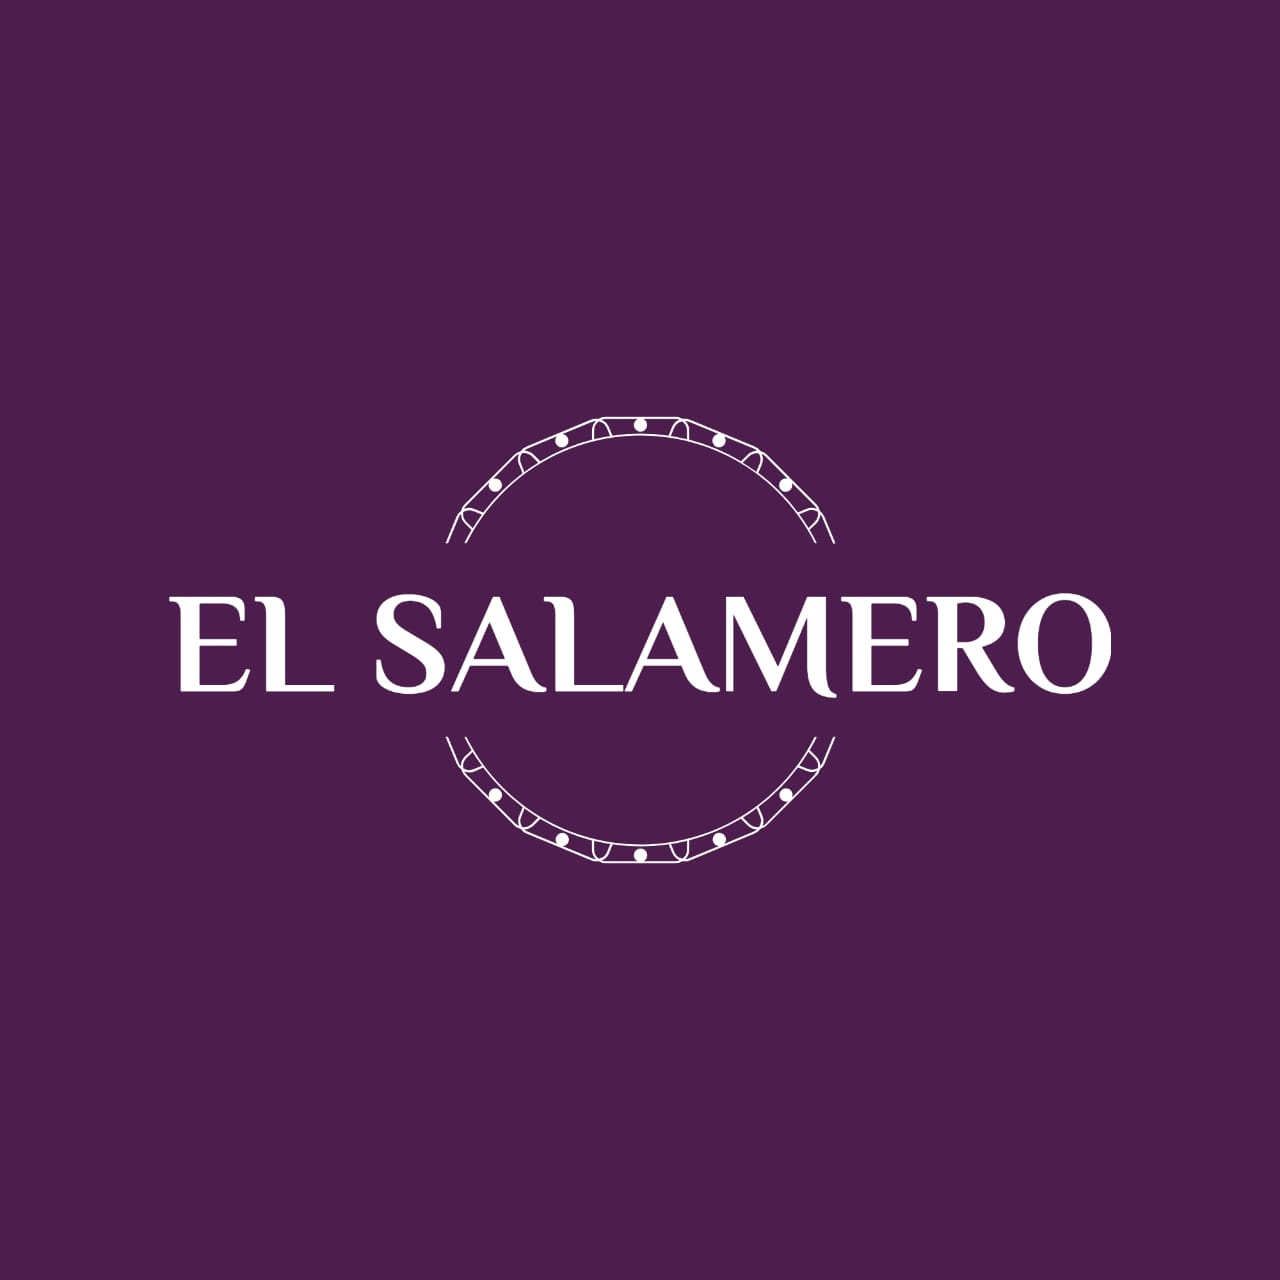 El Salamero